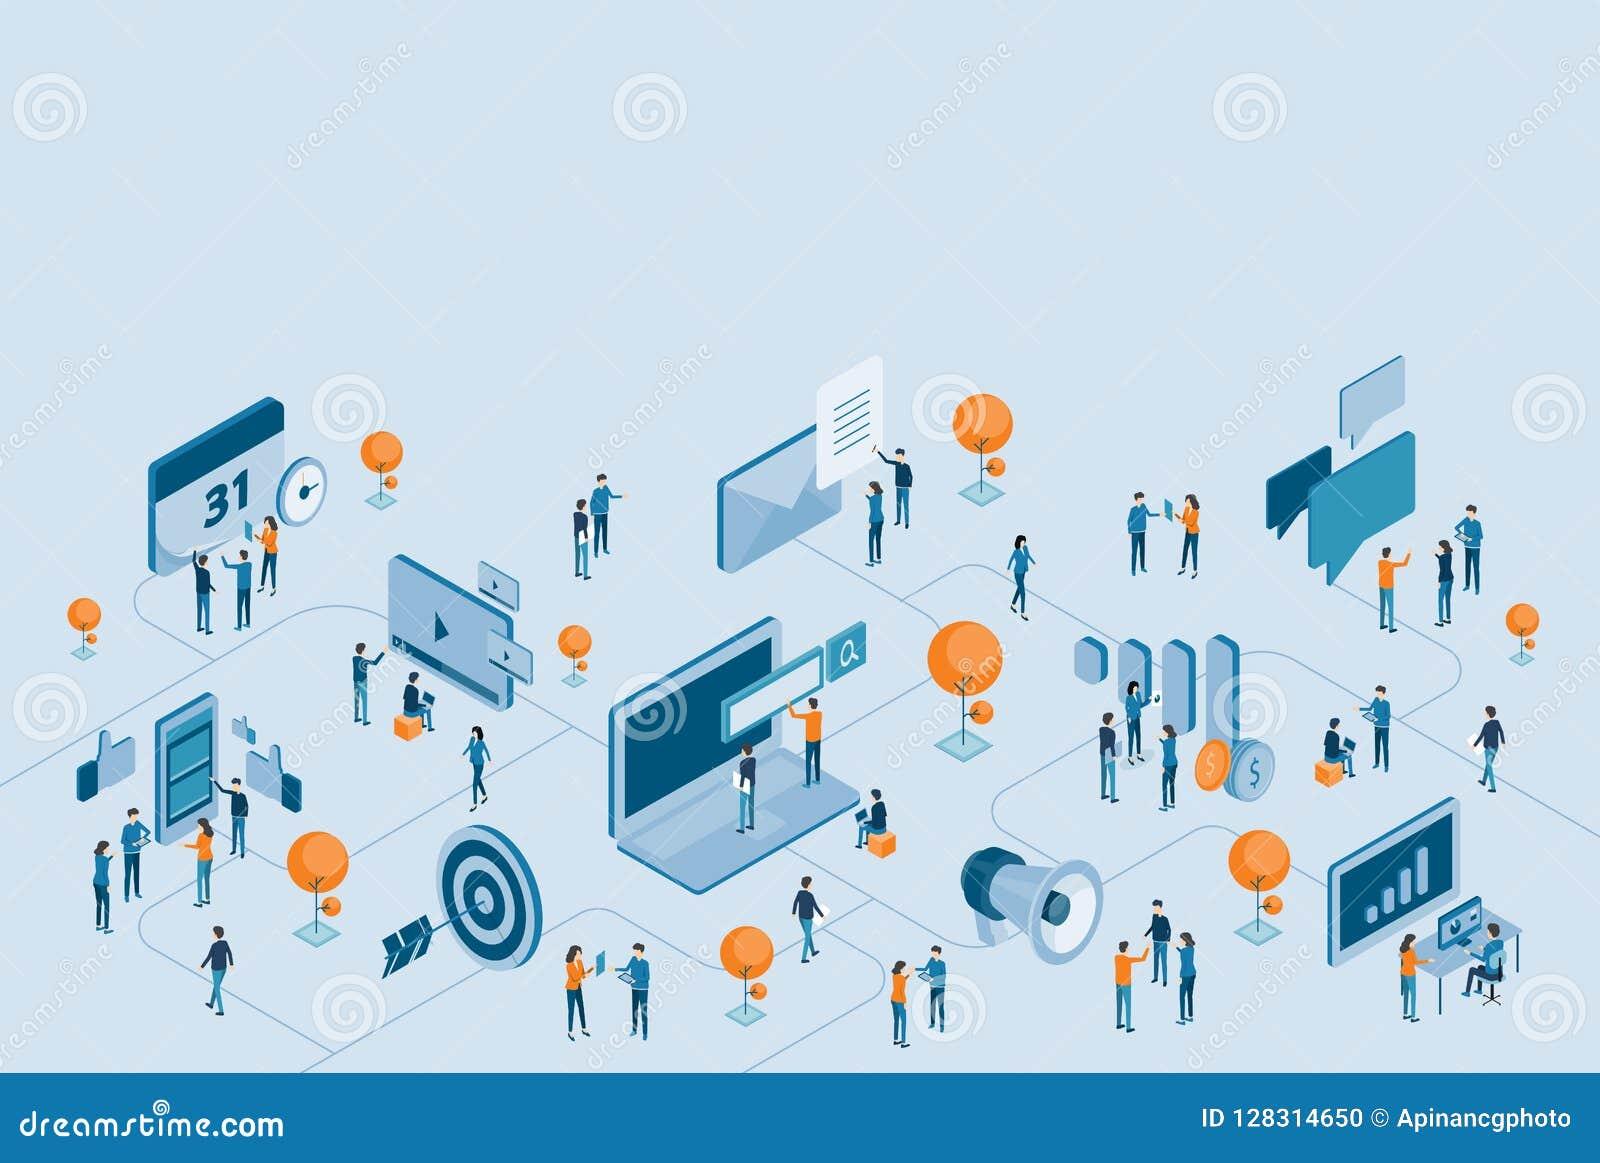 企业数字式营销网上连接的等量设计